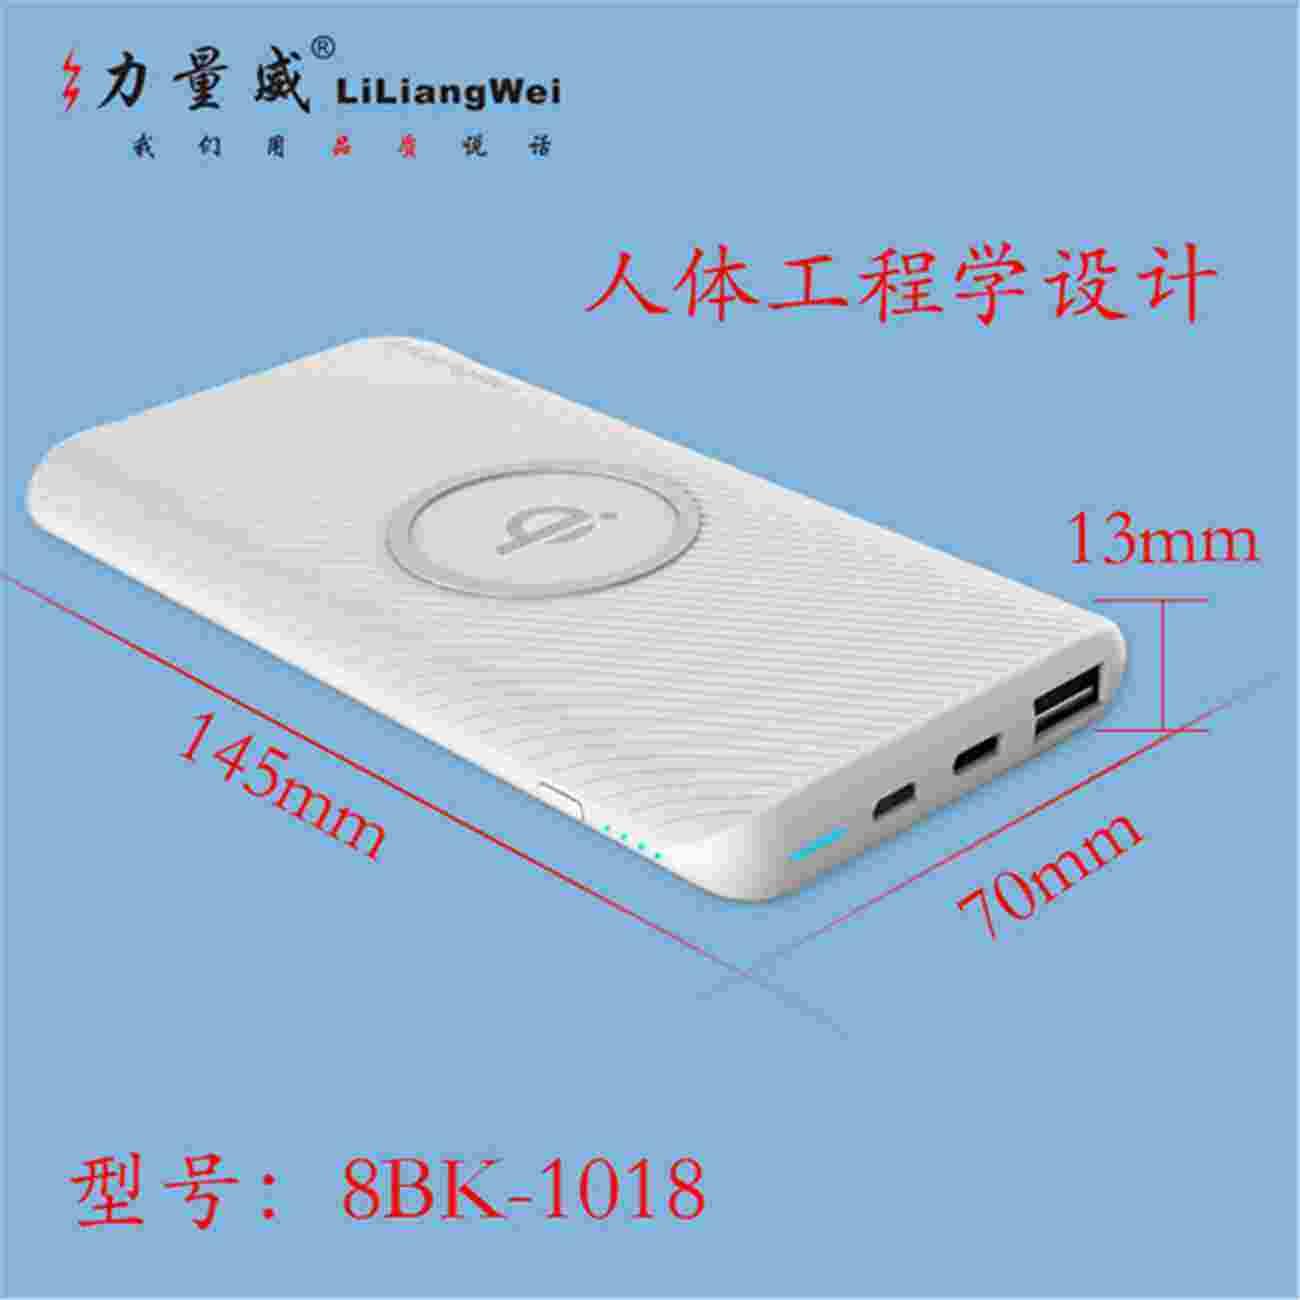 新私模QI标准无线充移动电源 5000mAh手机通用无线充电宝